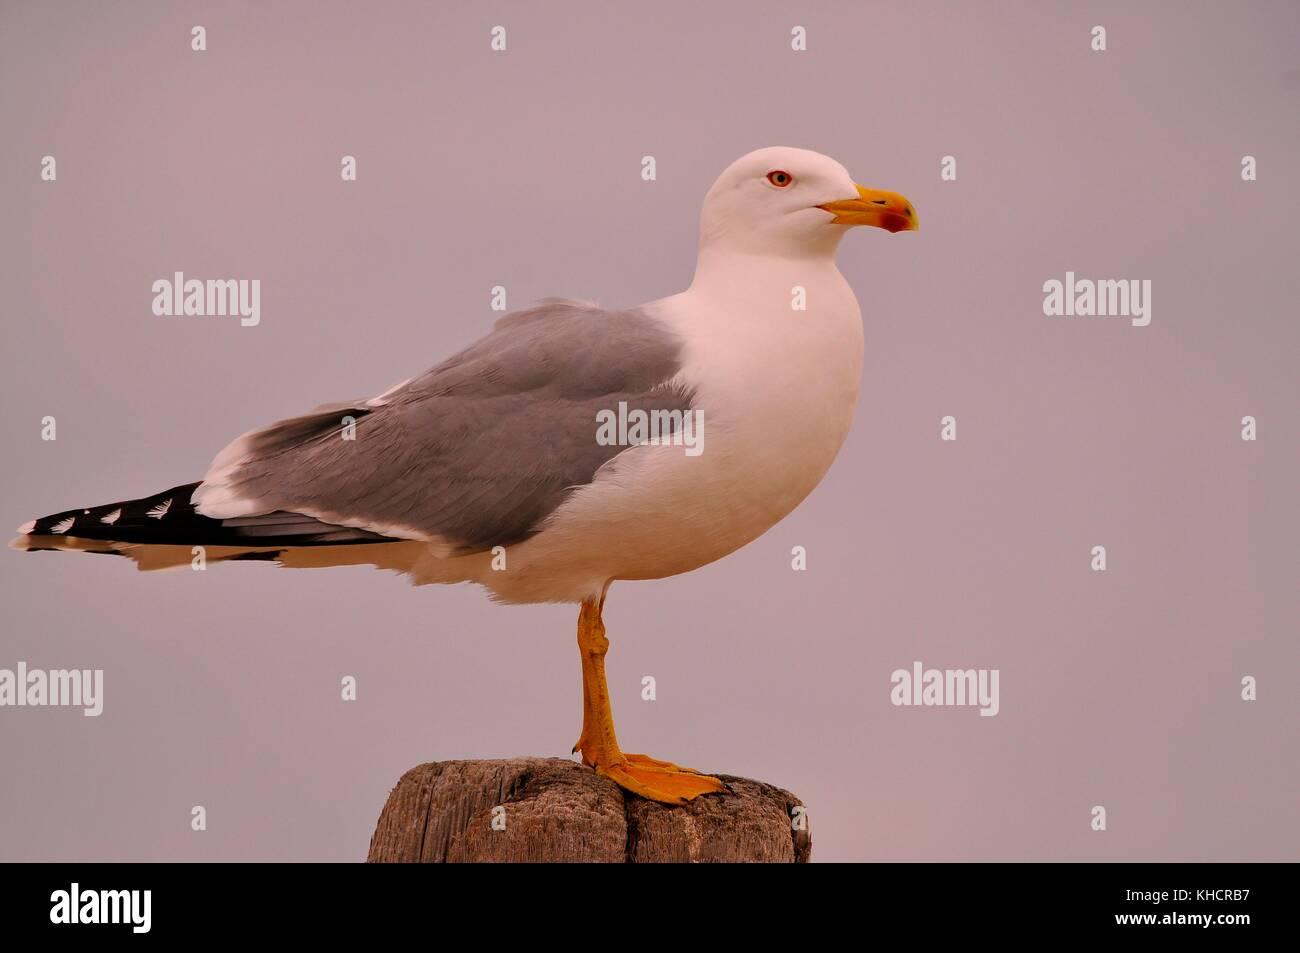 Image de goéland - Stock Image